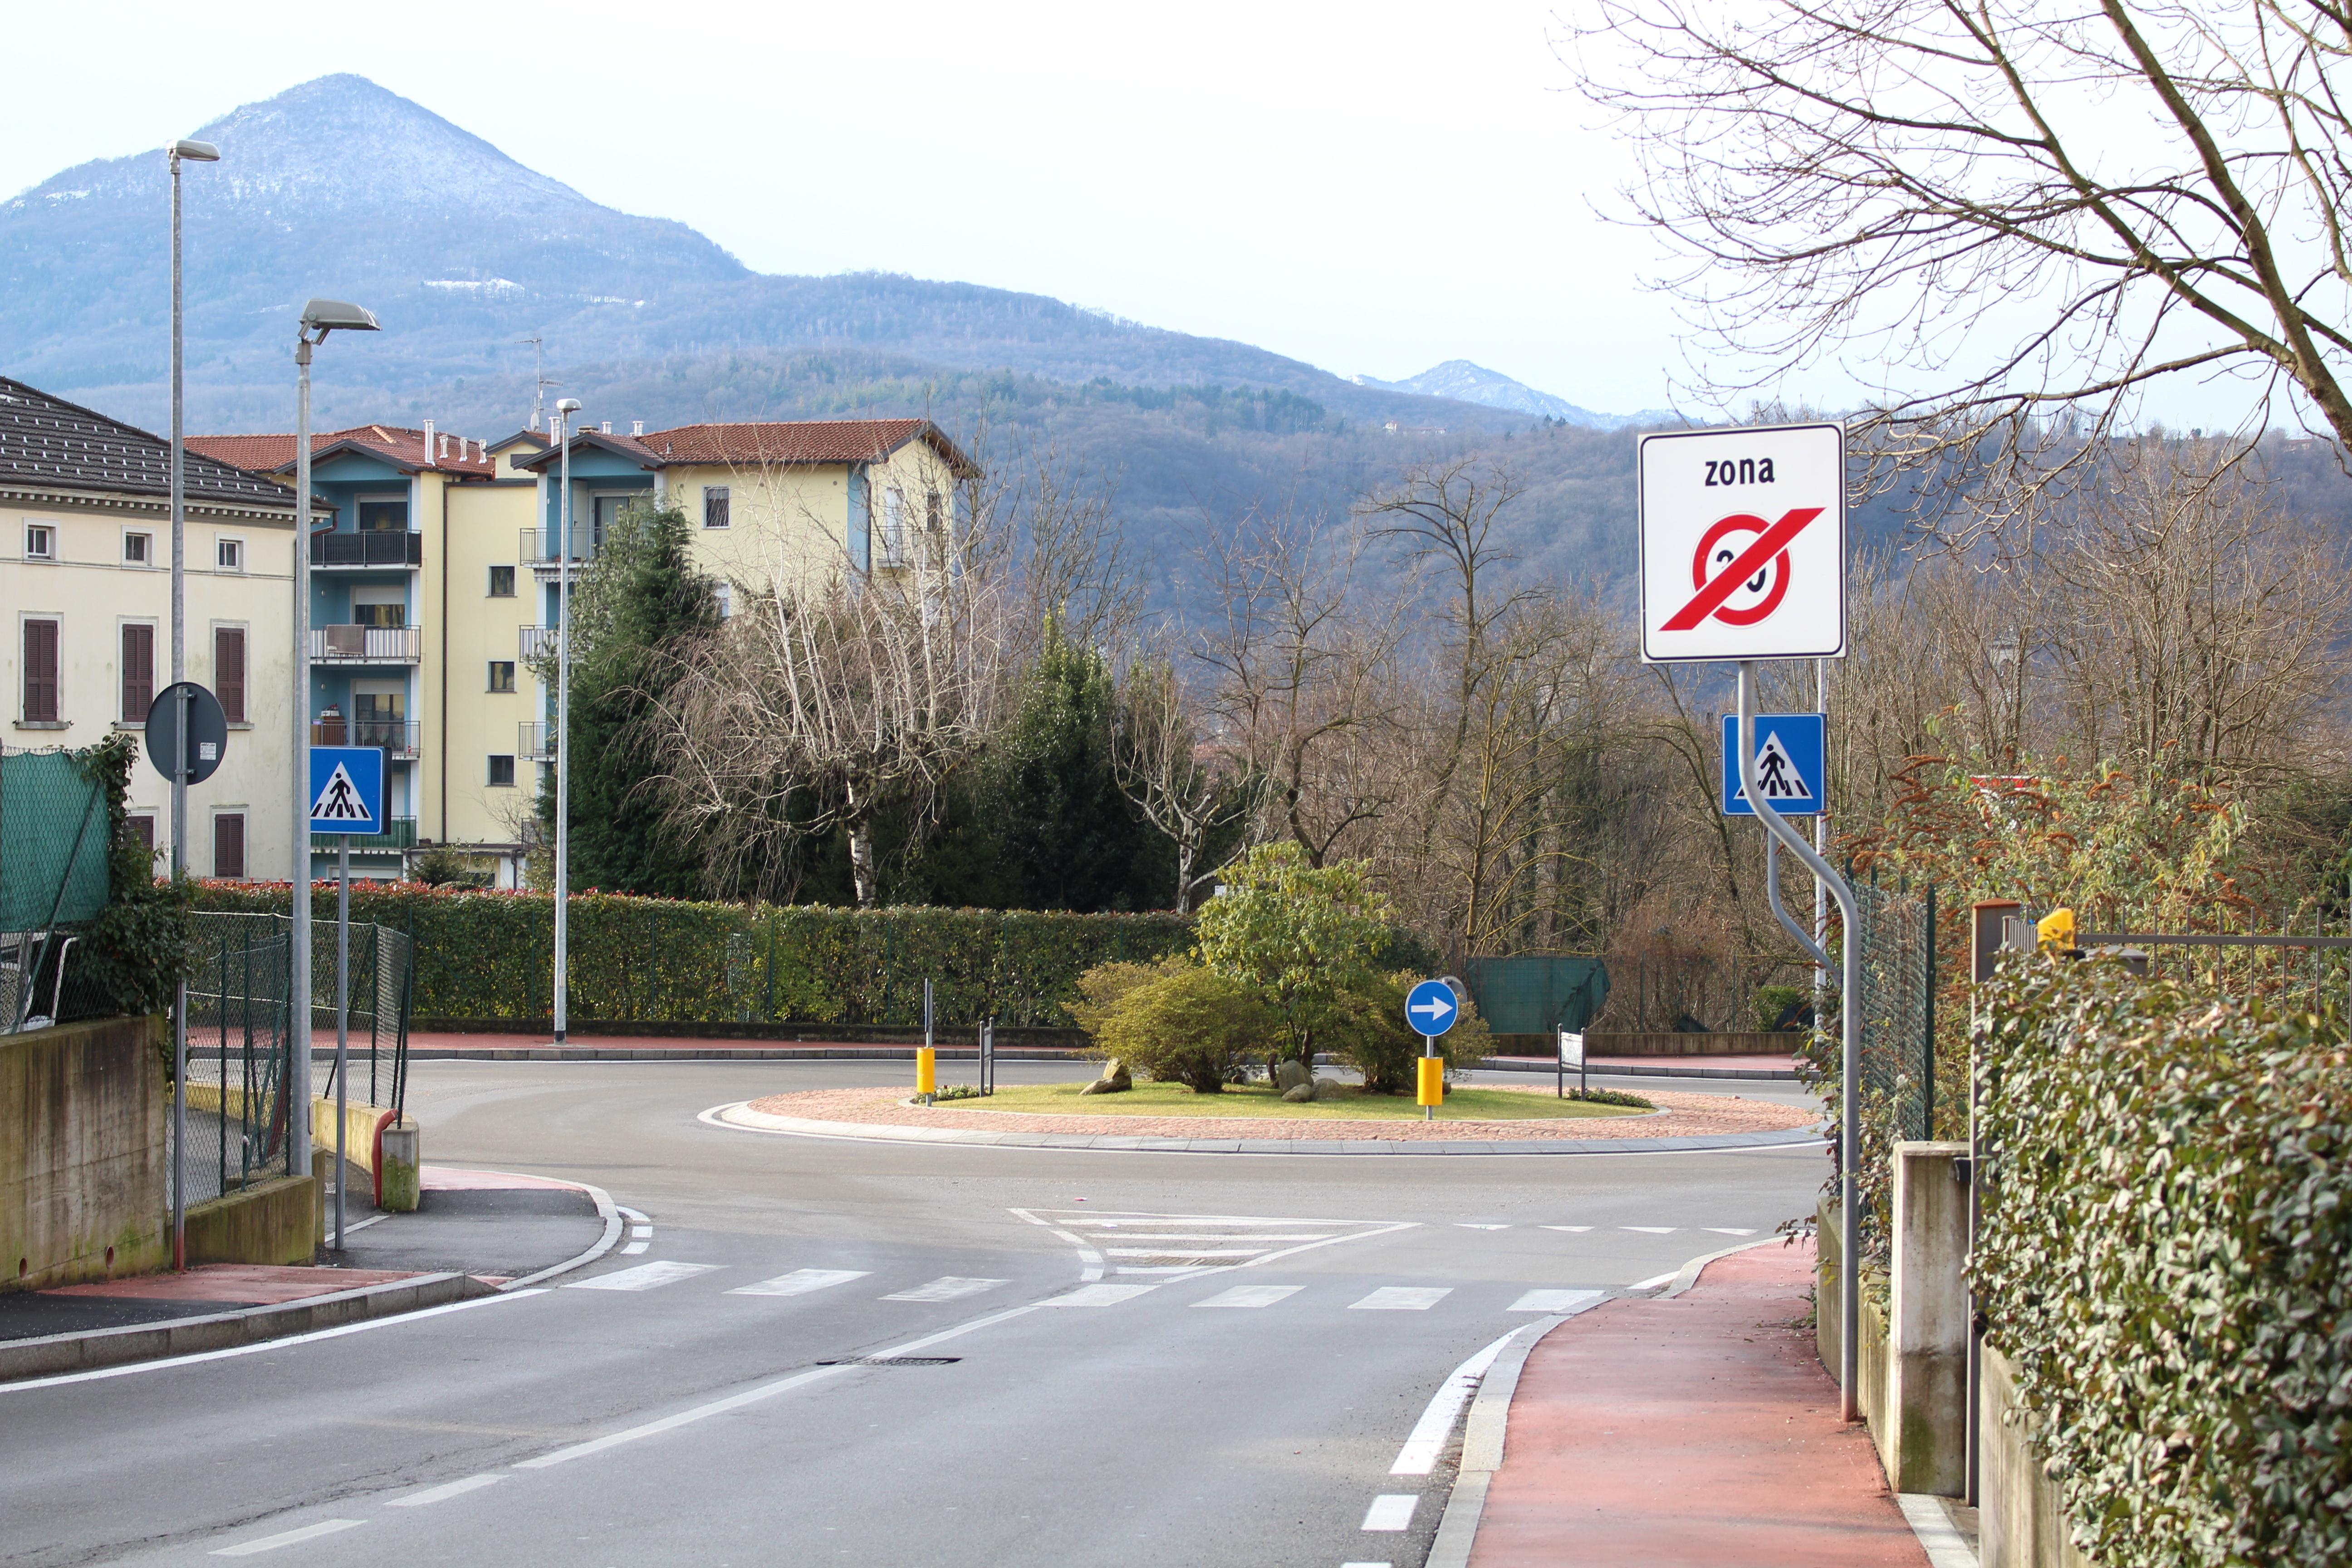 Una rotatoria in via Turati